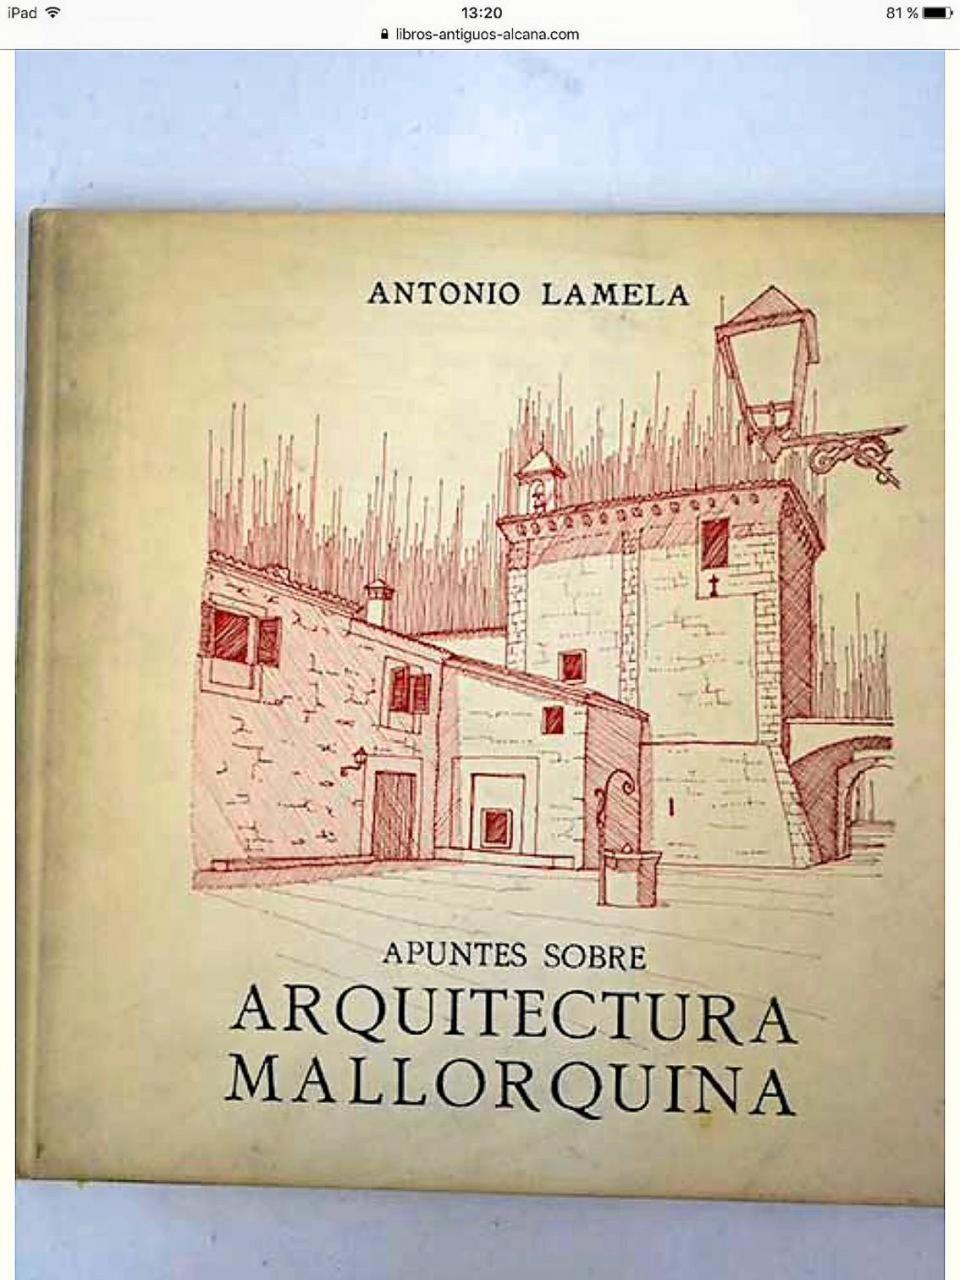 Mallorquin Architecture by Antonio Lamela.